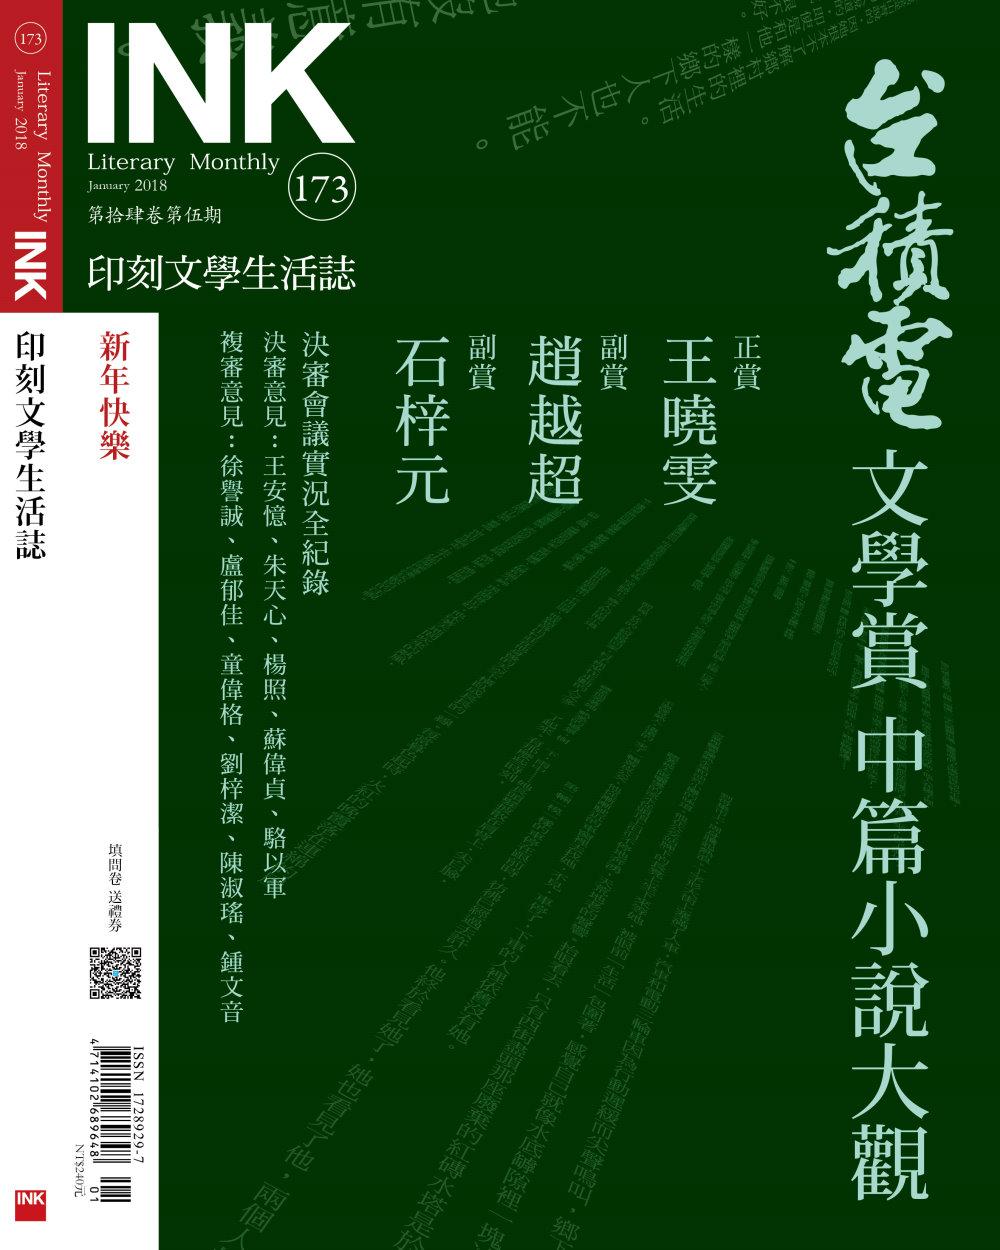 印刻文學生活誌 1月號/2018 第173期